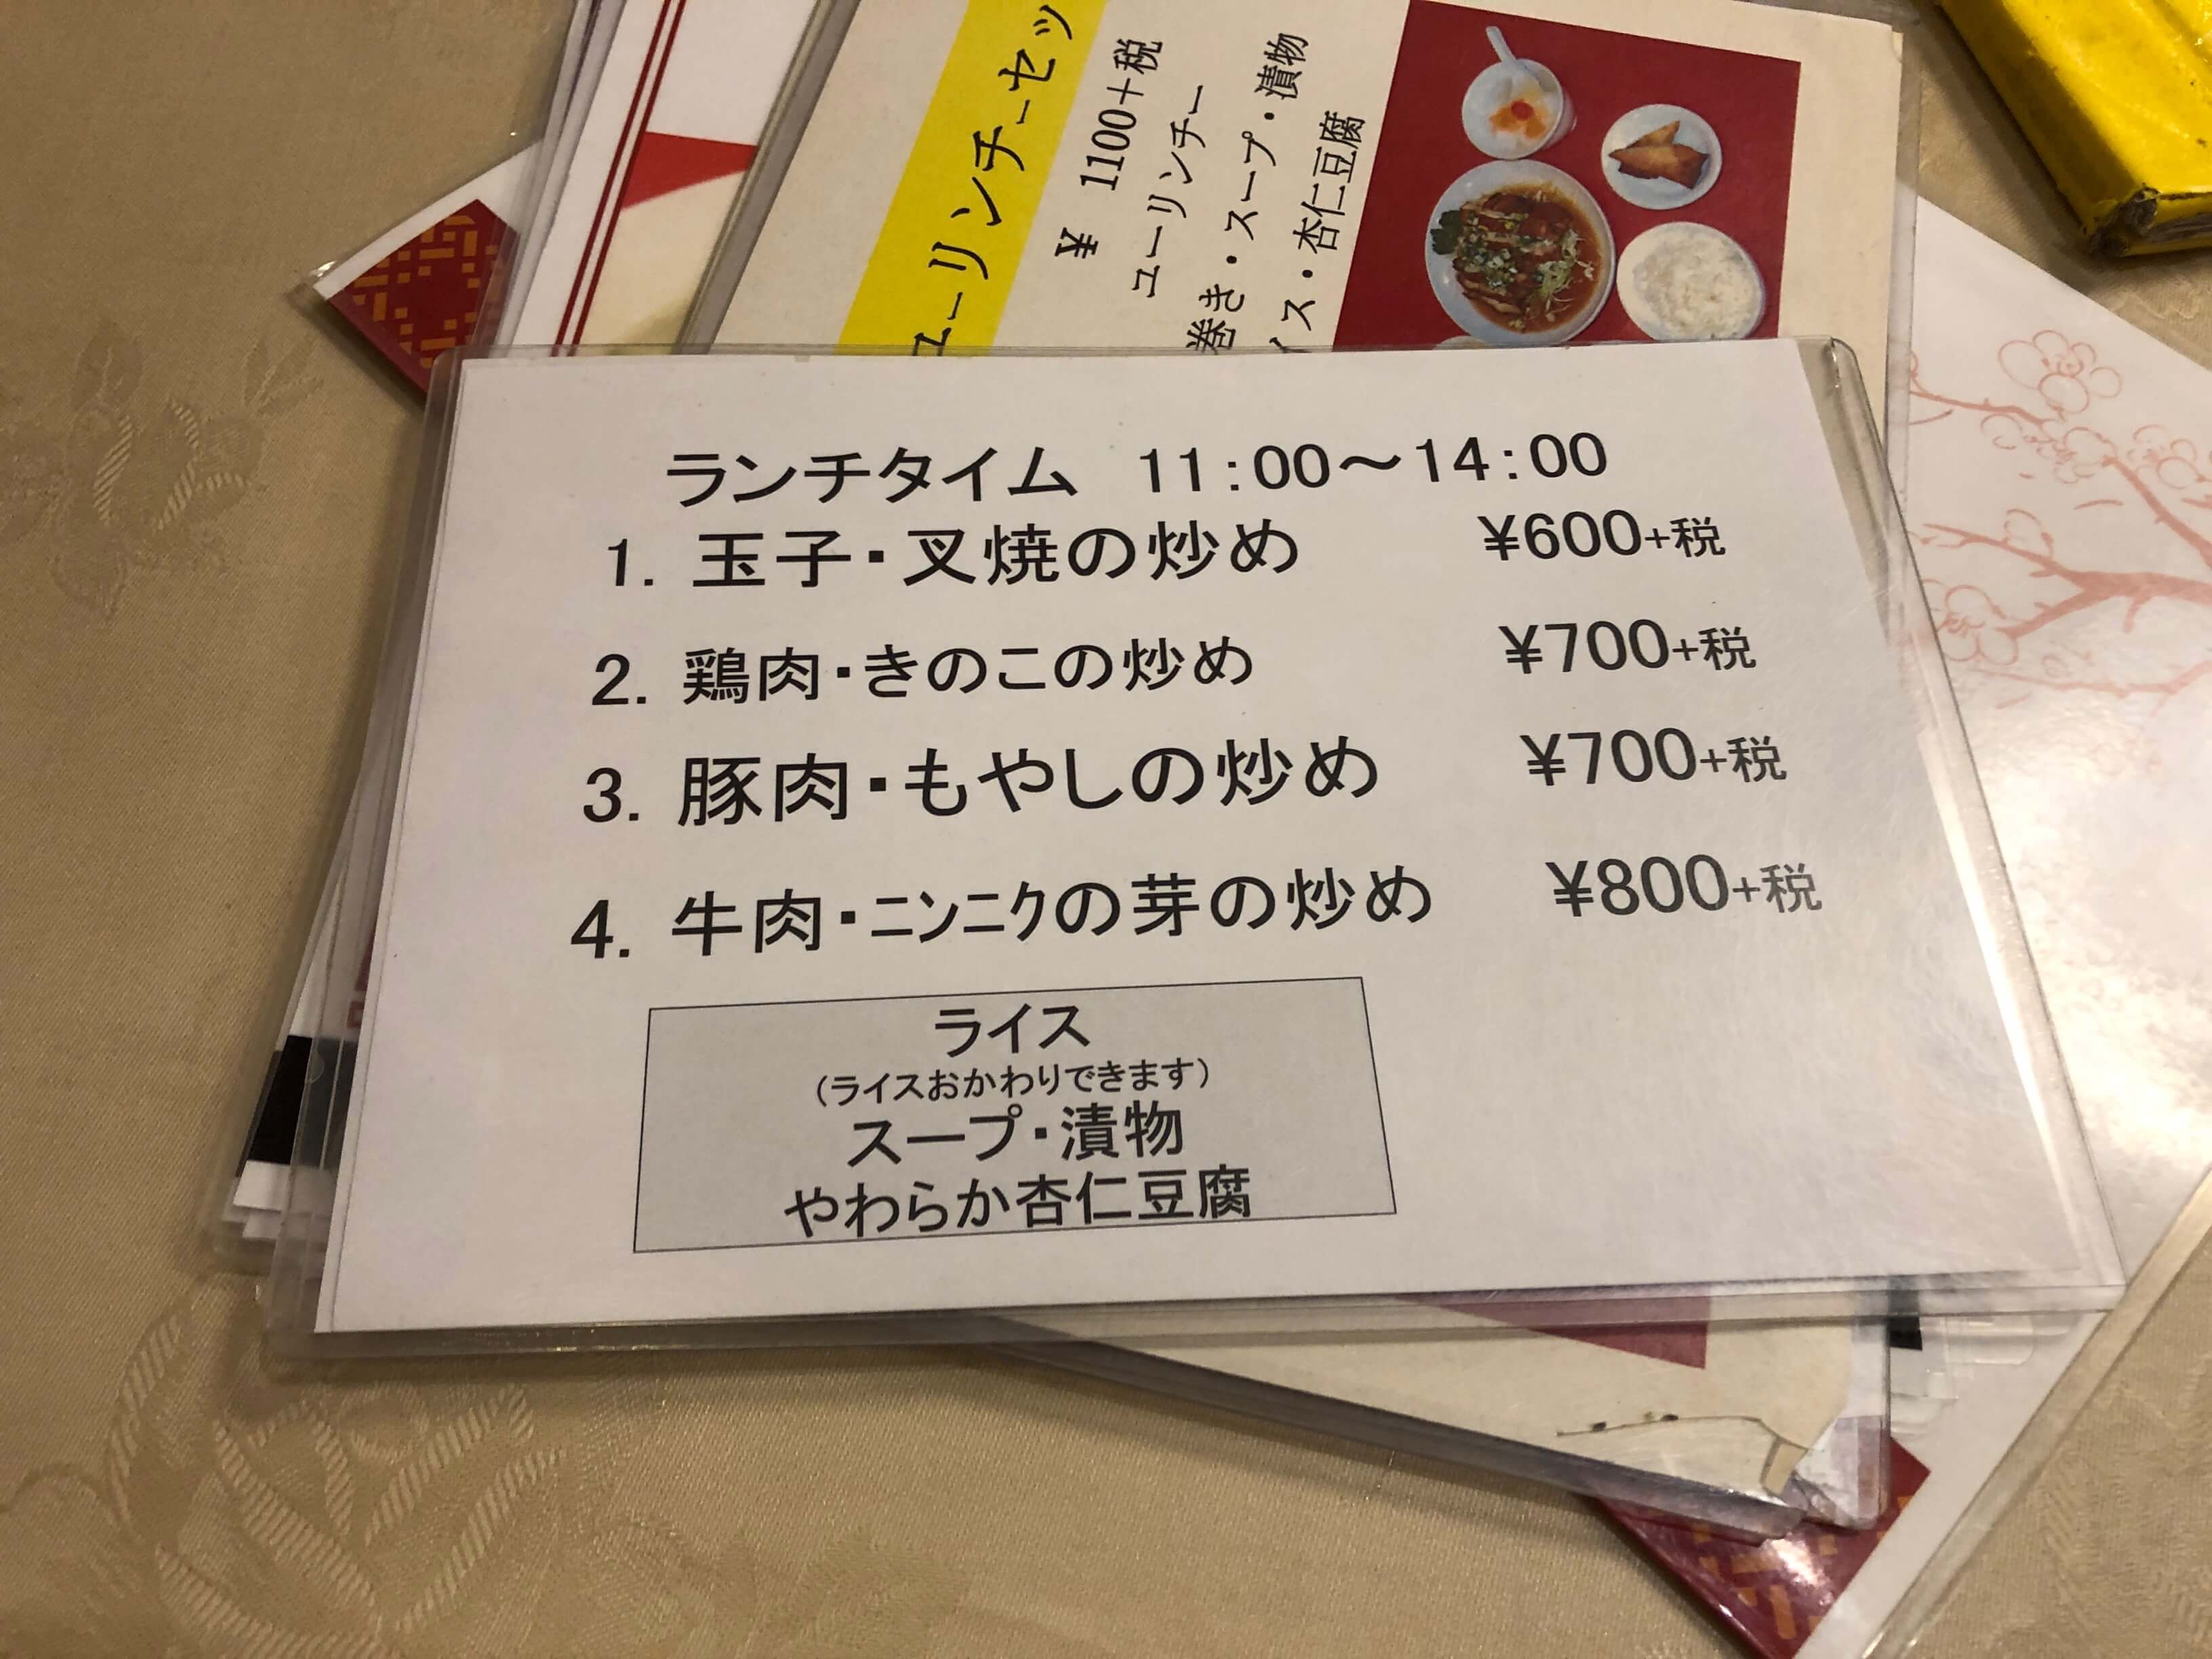 東光飯店 別館 メニュー 2020.07.15